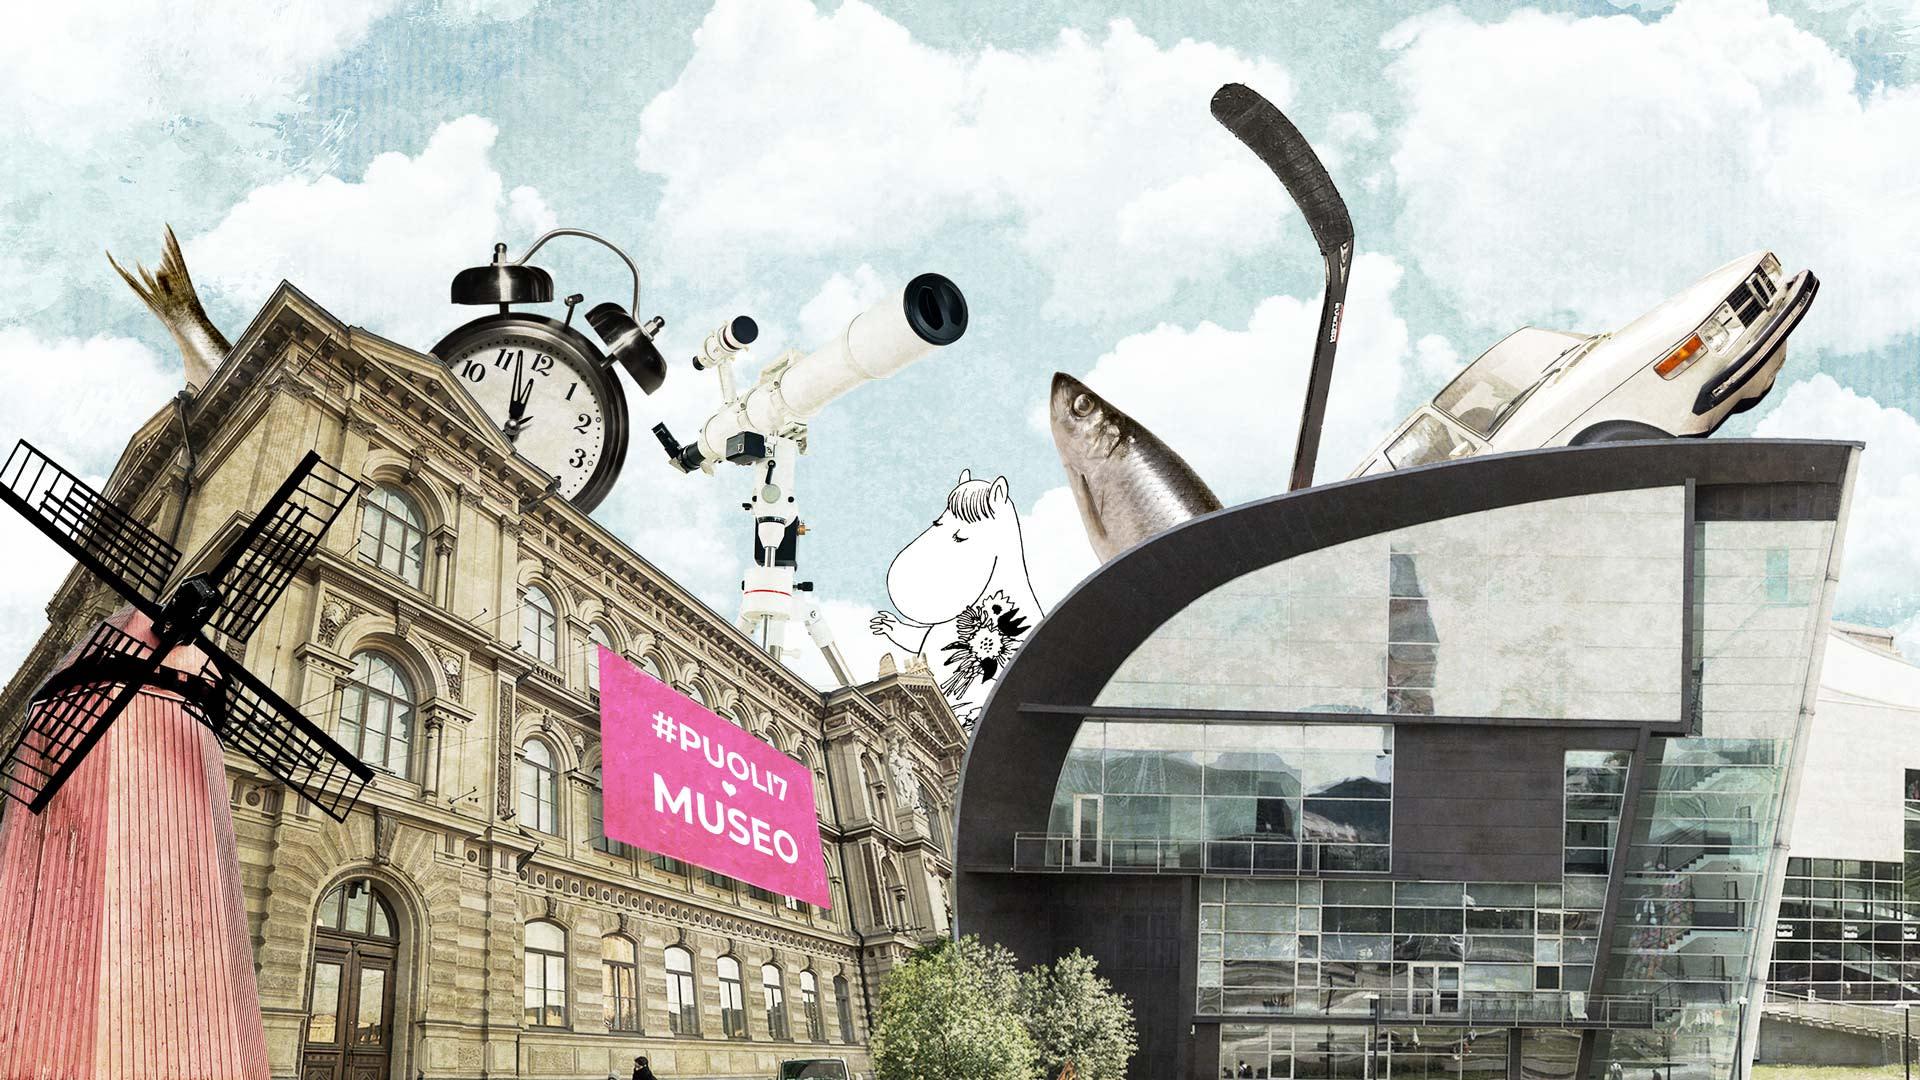 Kuvakollaasissa Ateneum, Kiasma ja erilaisiin museoihin viittaavia kuvia, kuten tuulimylly, kello ja silli.